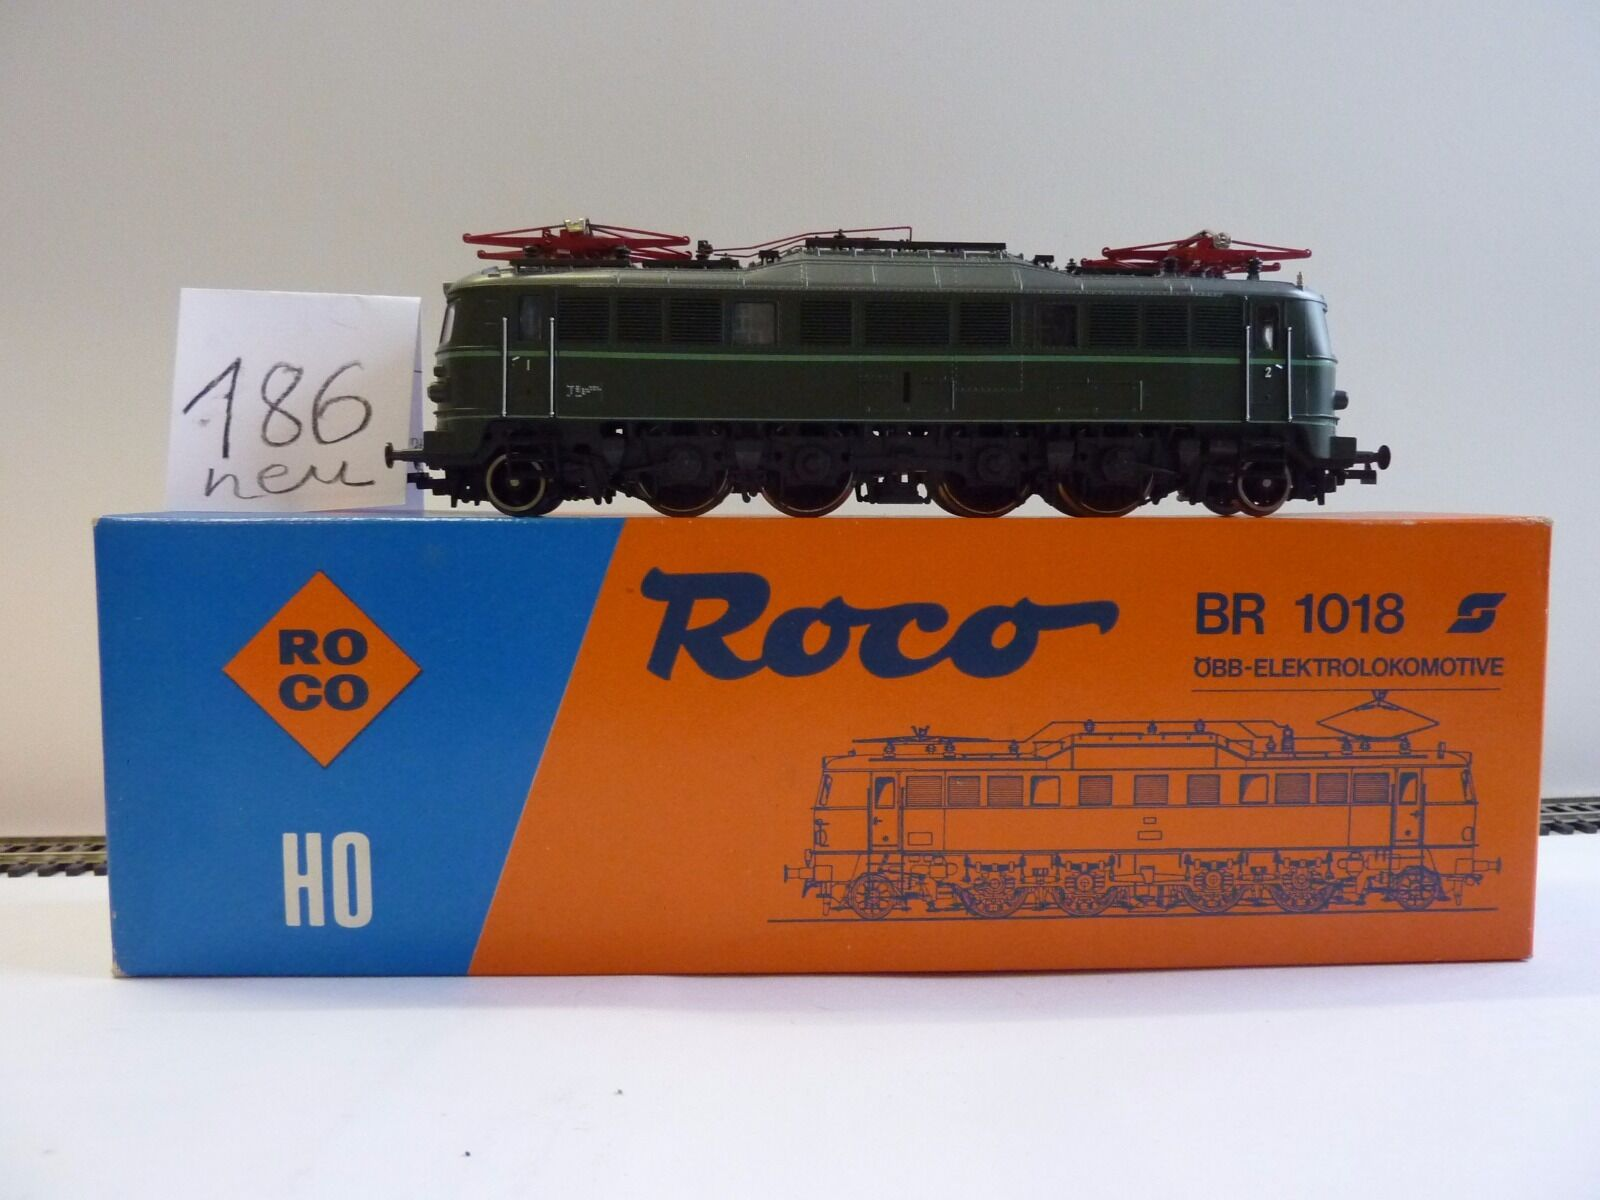 Roco ÖBB 1018.08 PARTNO. 04141f con embalaje original